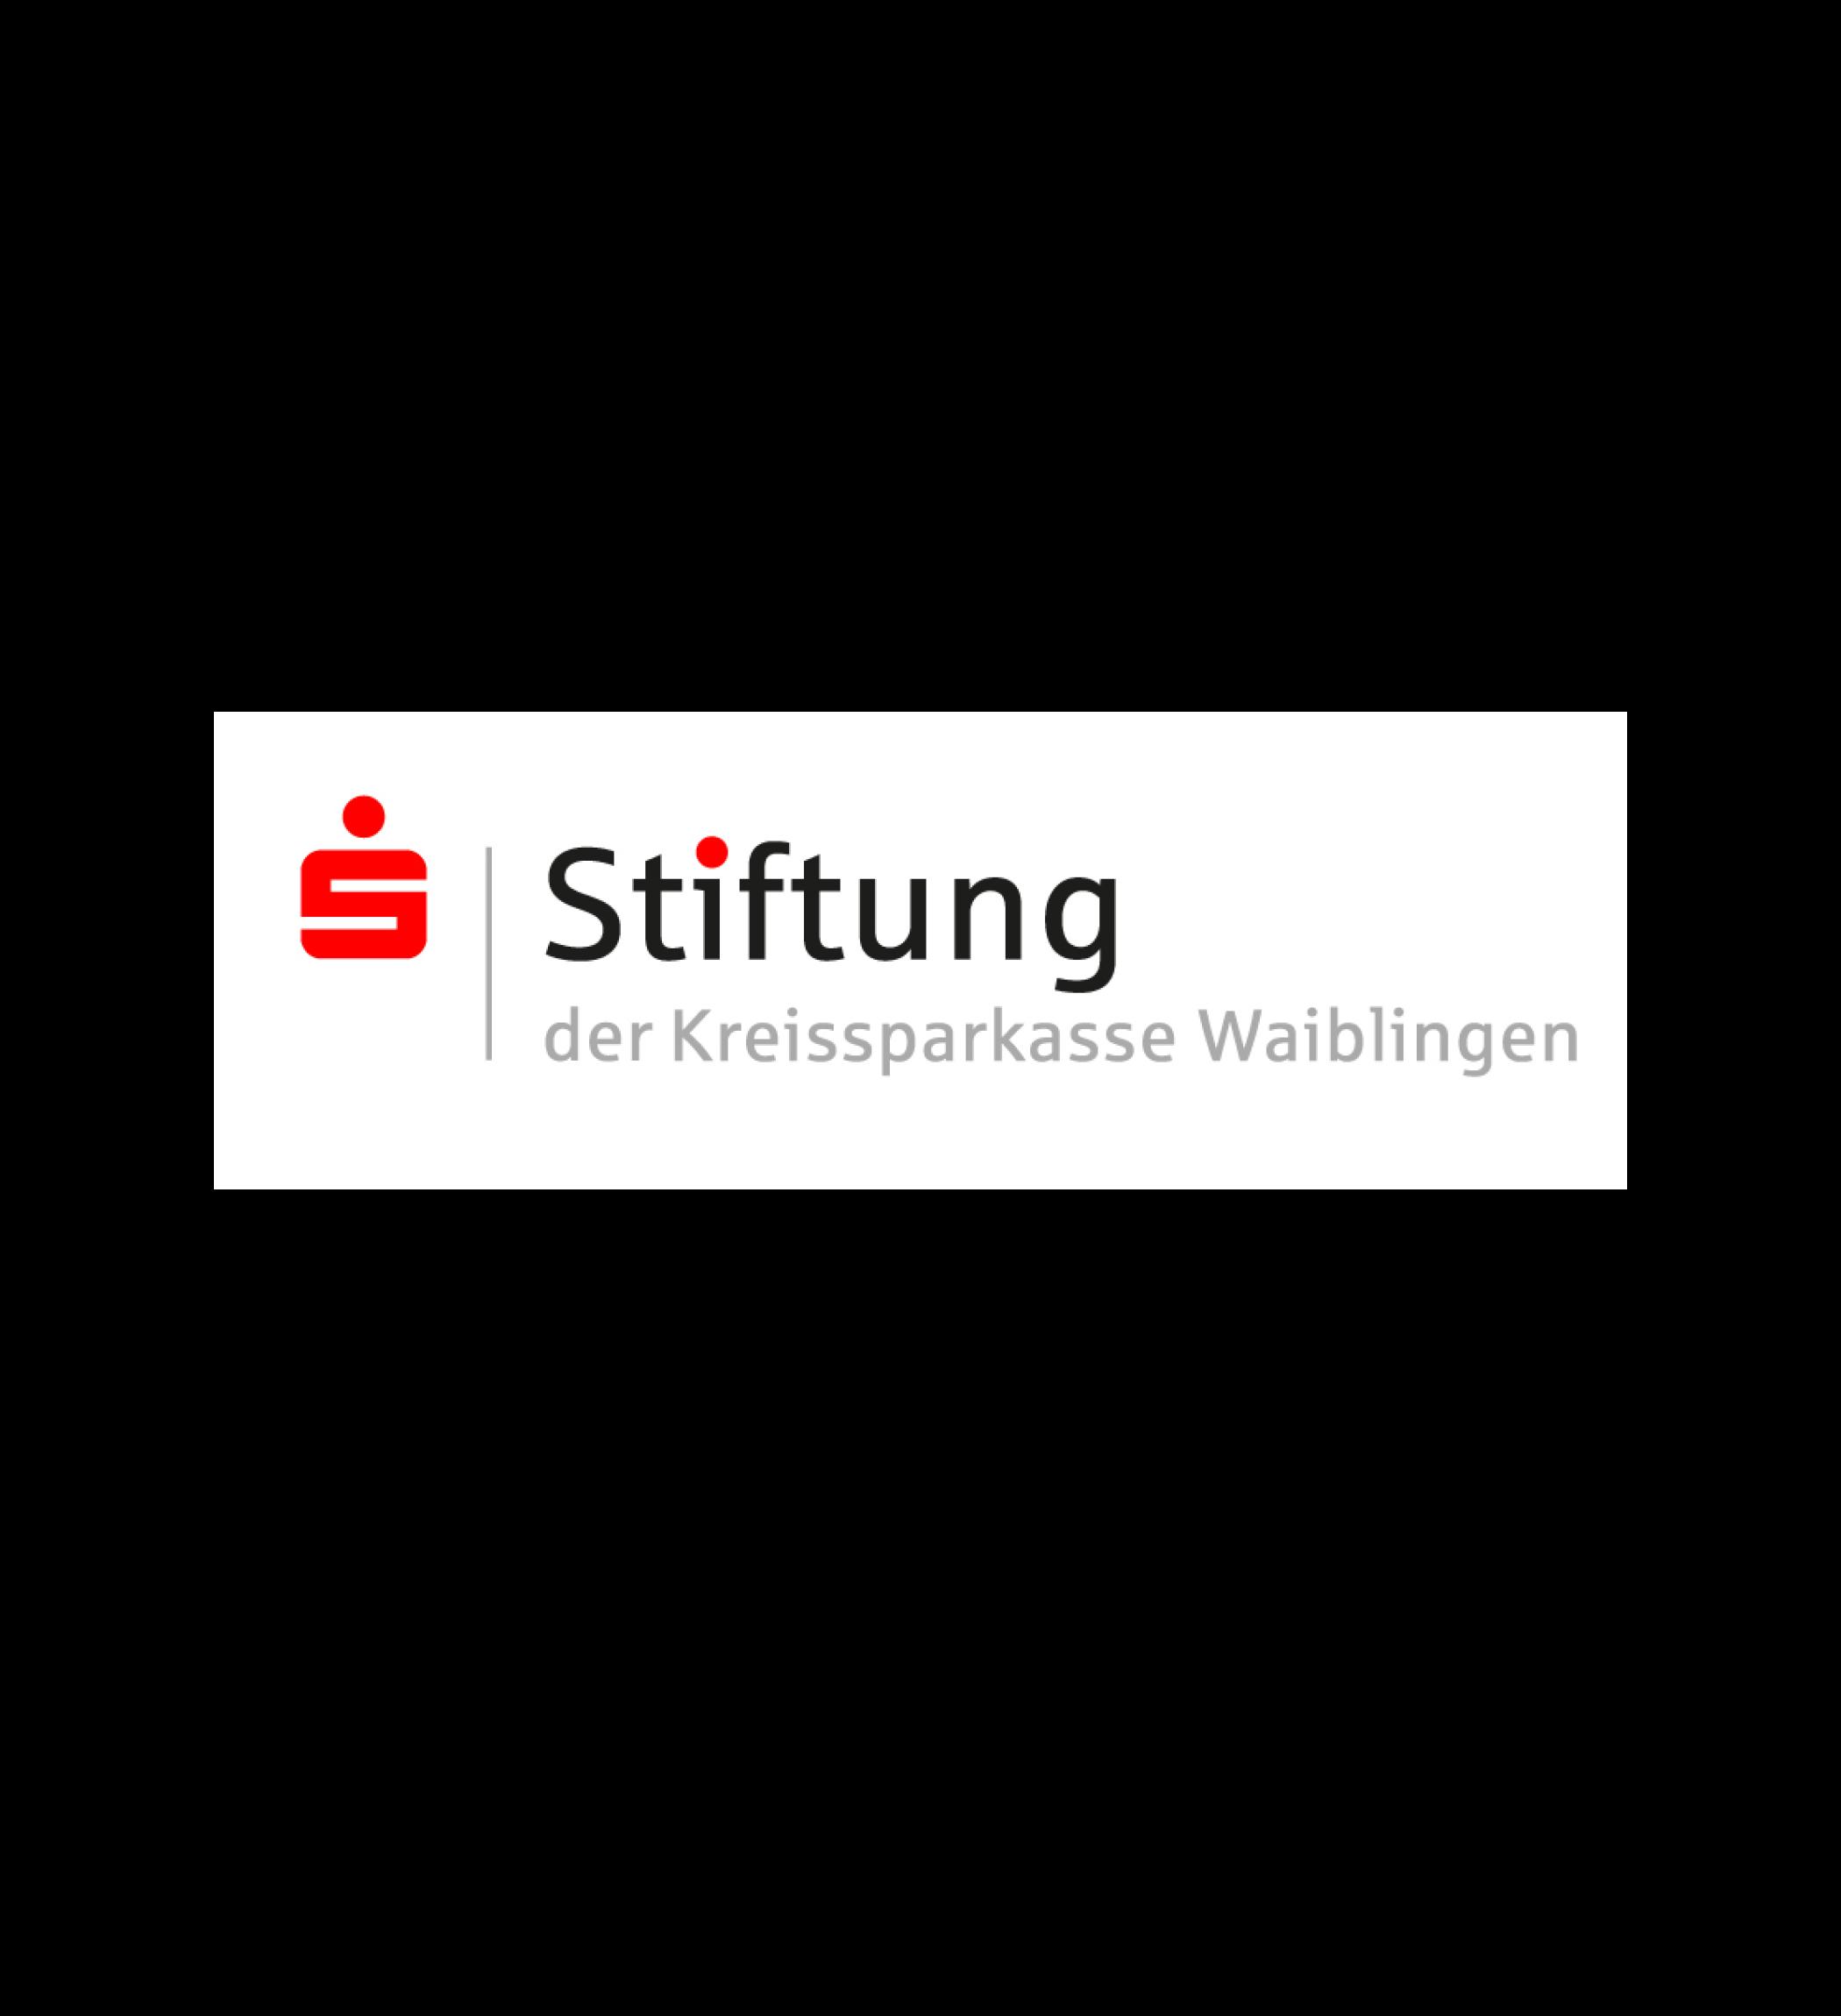 Logo: Stiftung Kreissparkasse Waiblingen